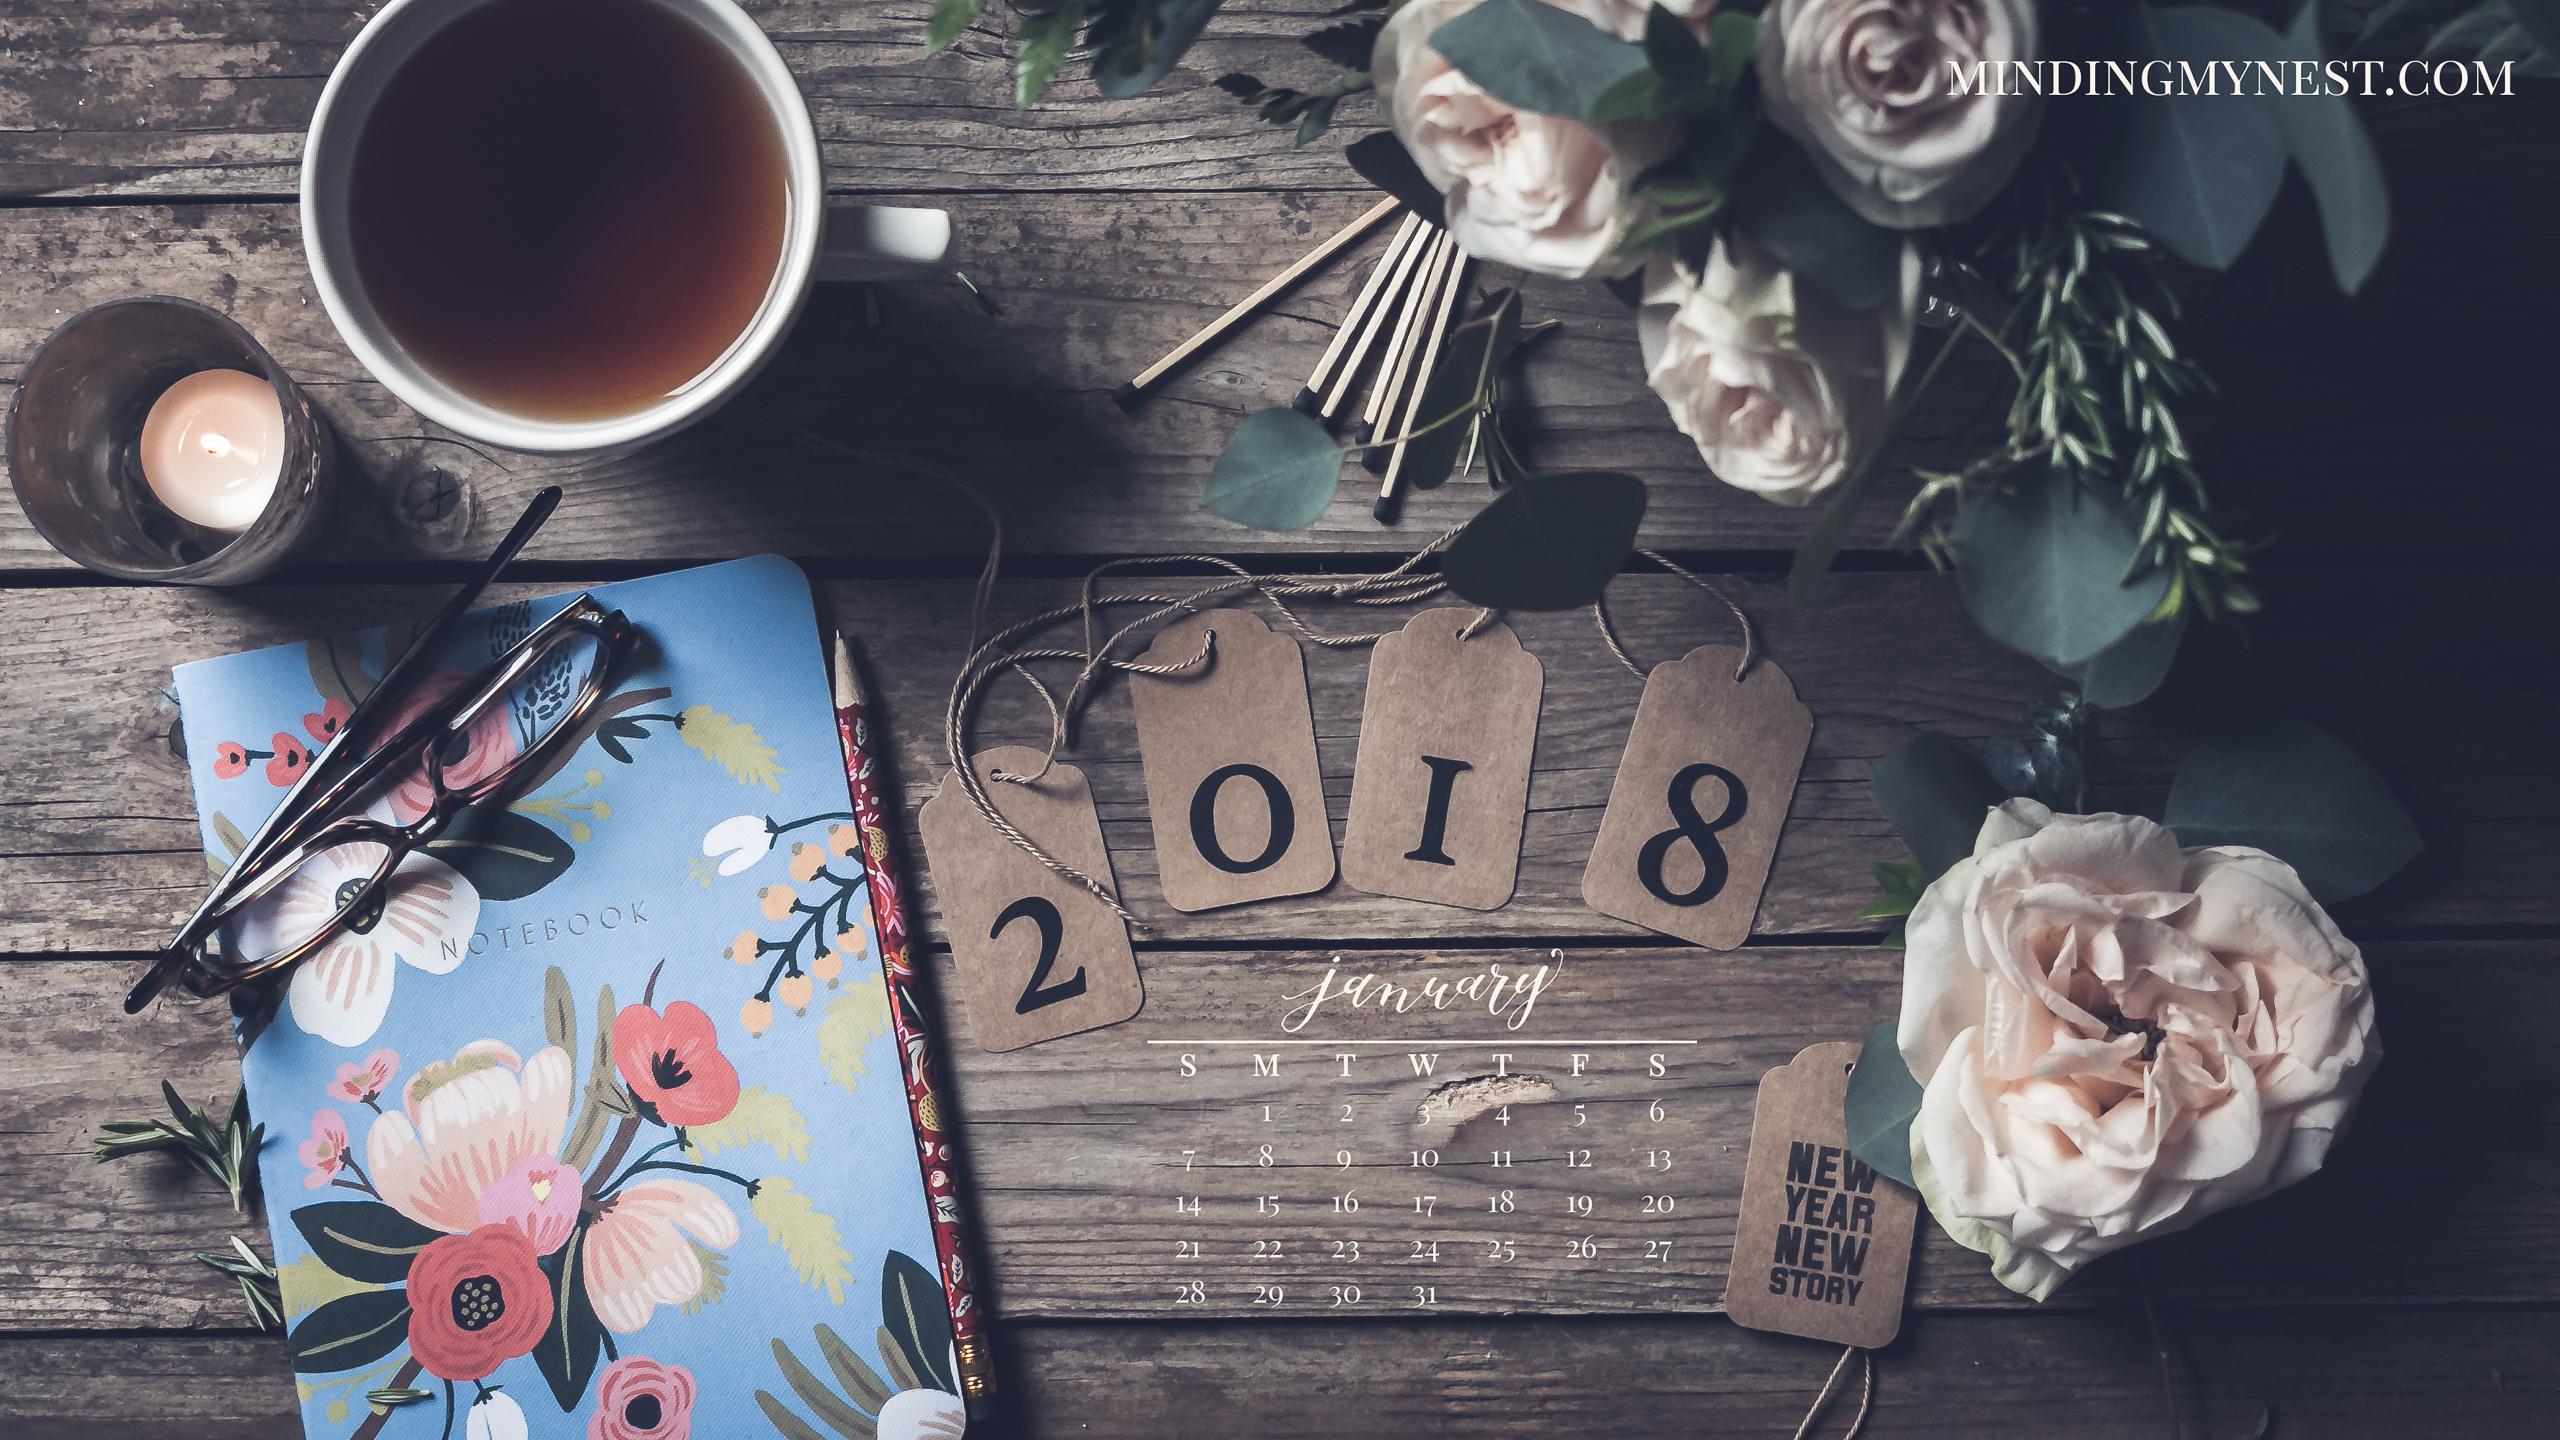 2018 Desktop Calendars   minding my nest 2560x1440